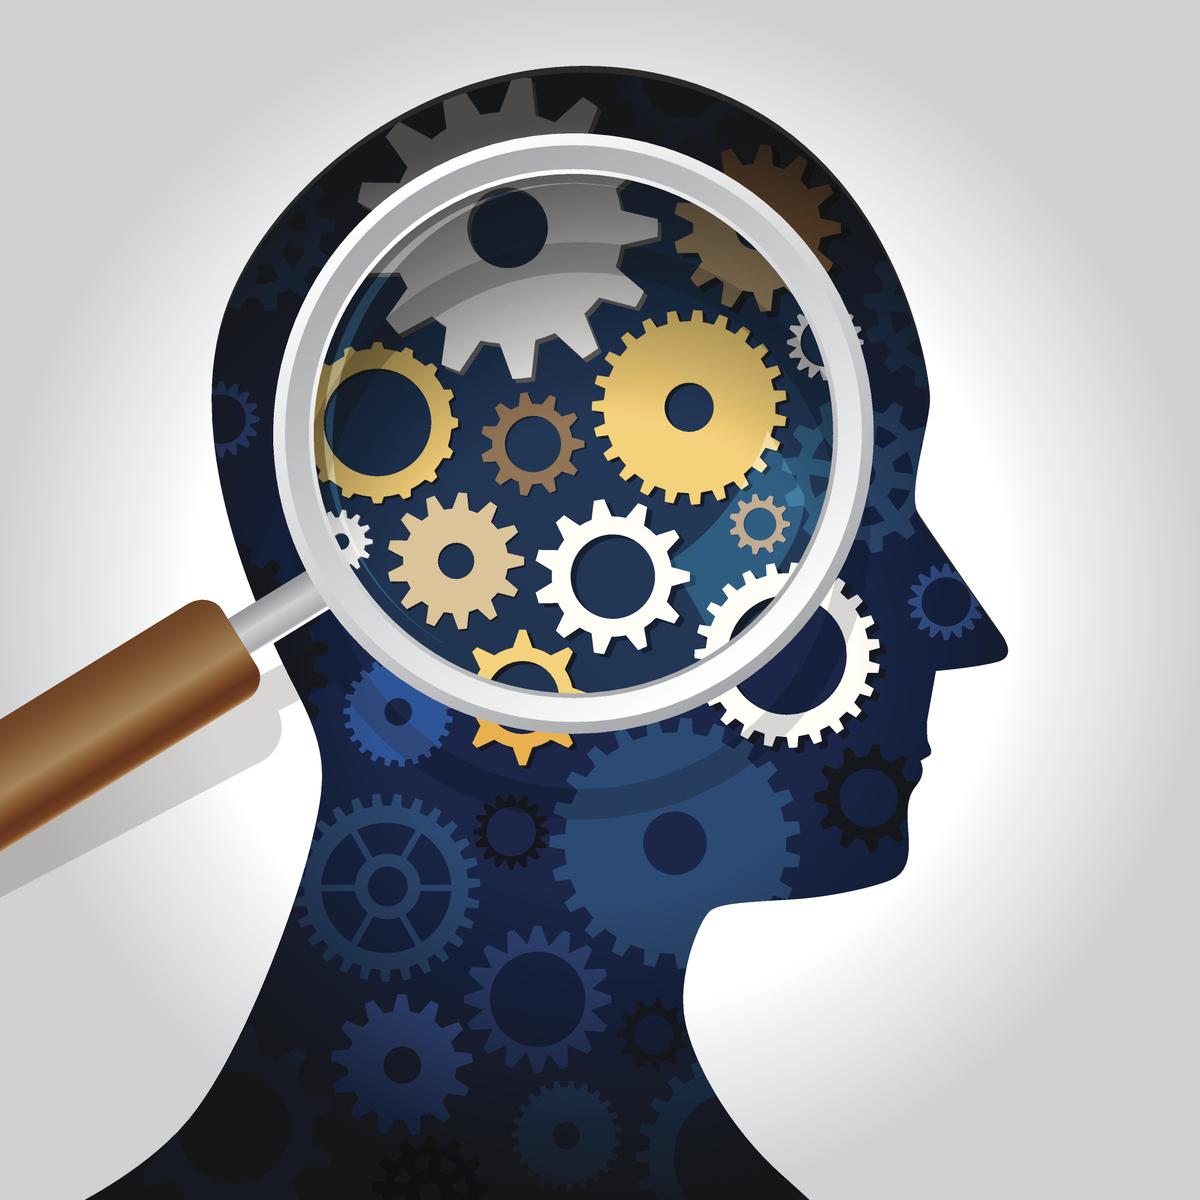 מבוא למדעי הפסיכולוגיה - Introduction to Psychological Science course image